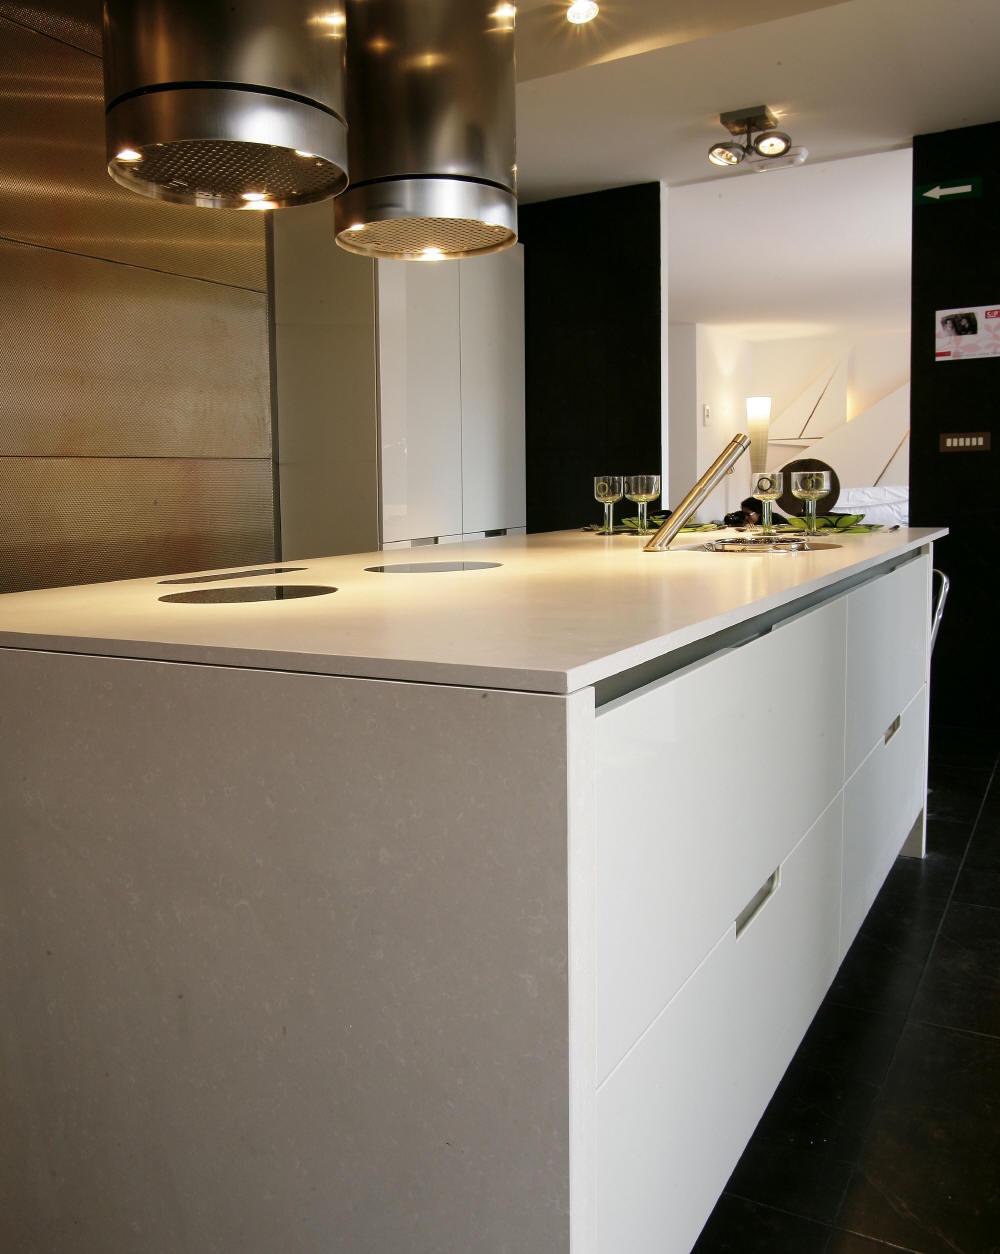 Stunning Die Schönsten Küchen Images - Milbank.us - milbank.us